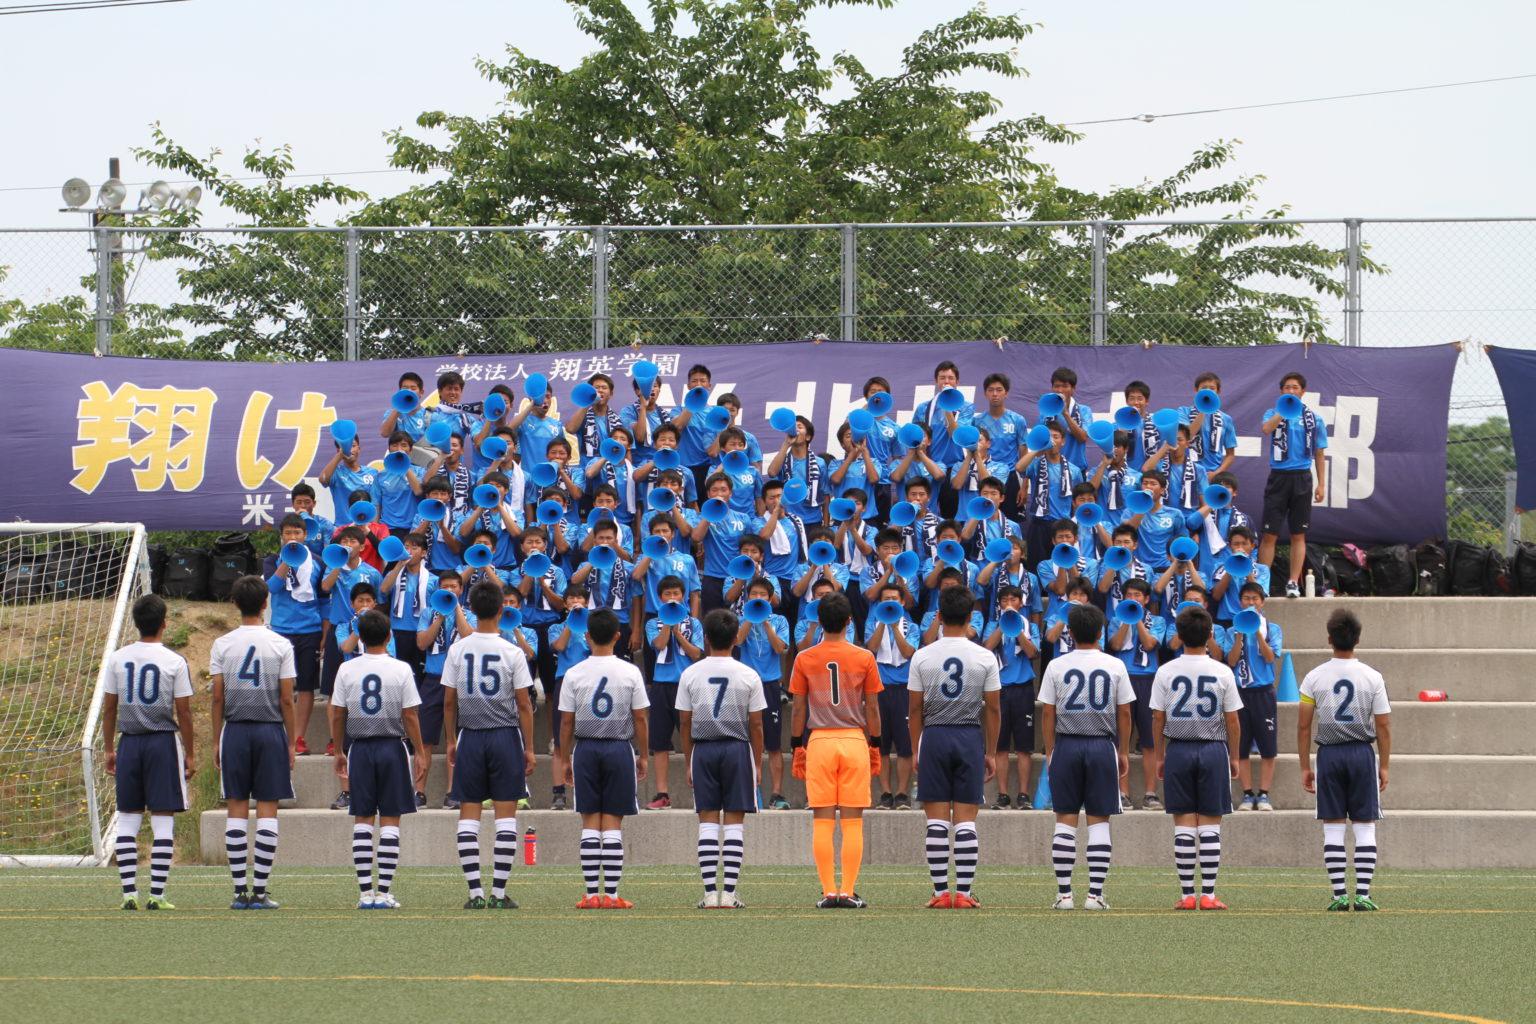 第54回 鳥取県高校総合体育大会 サッカー競技の部